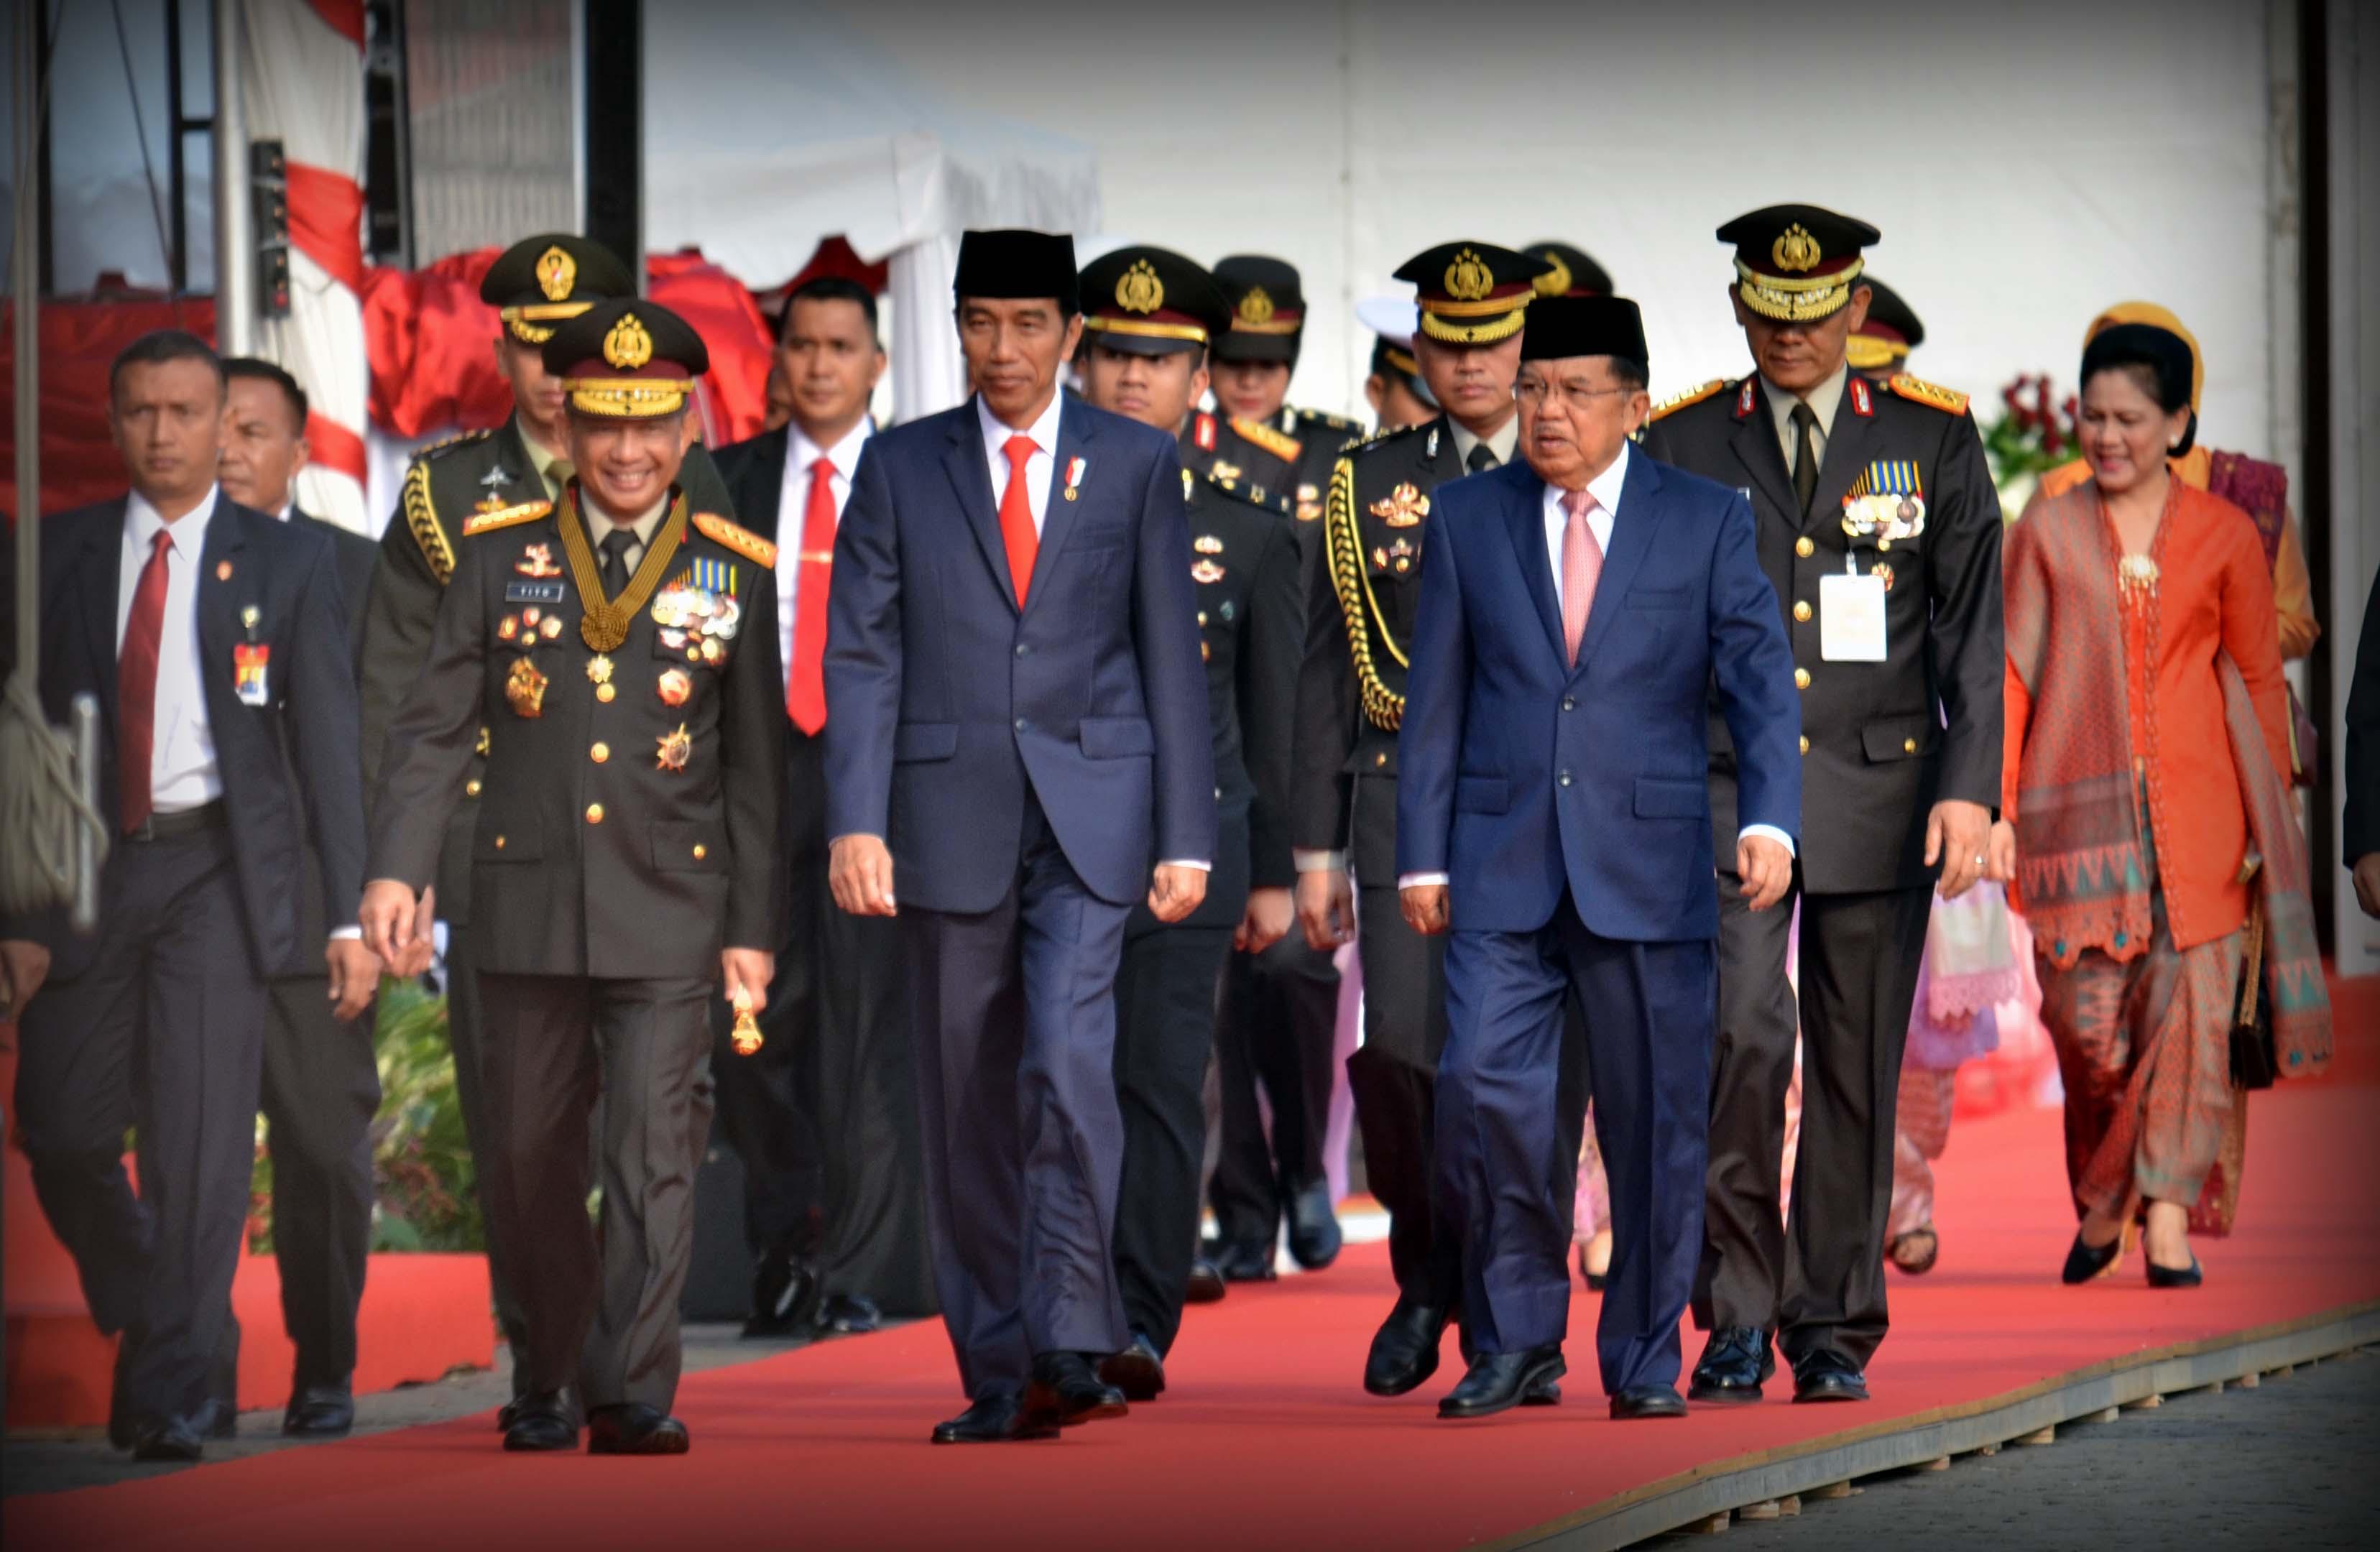 Presiden Jokowi Instruksikan Polri Tekan Korupsi dan Arogansi Kewenangan